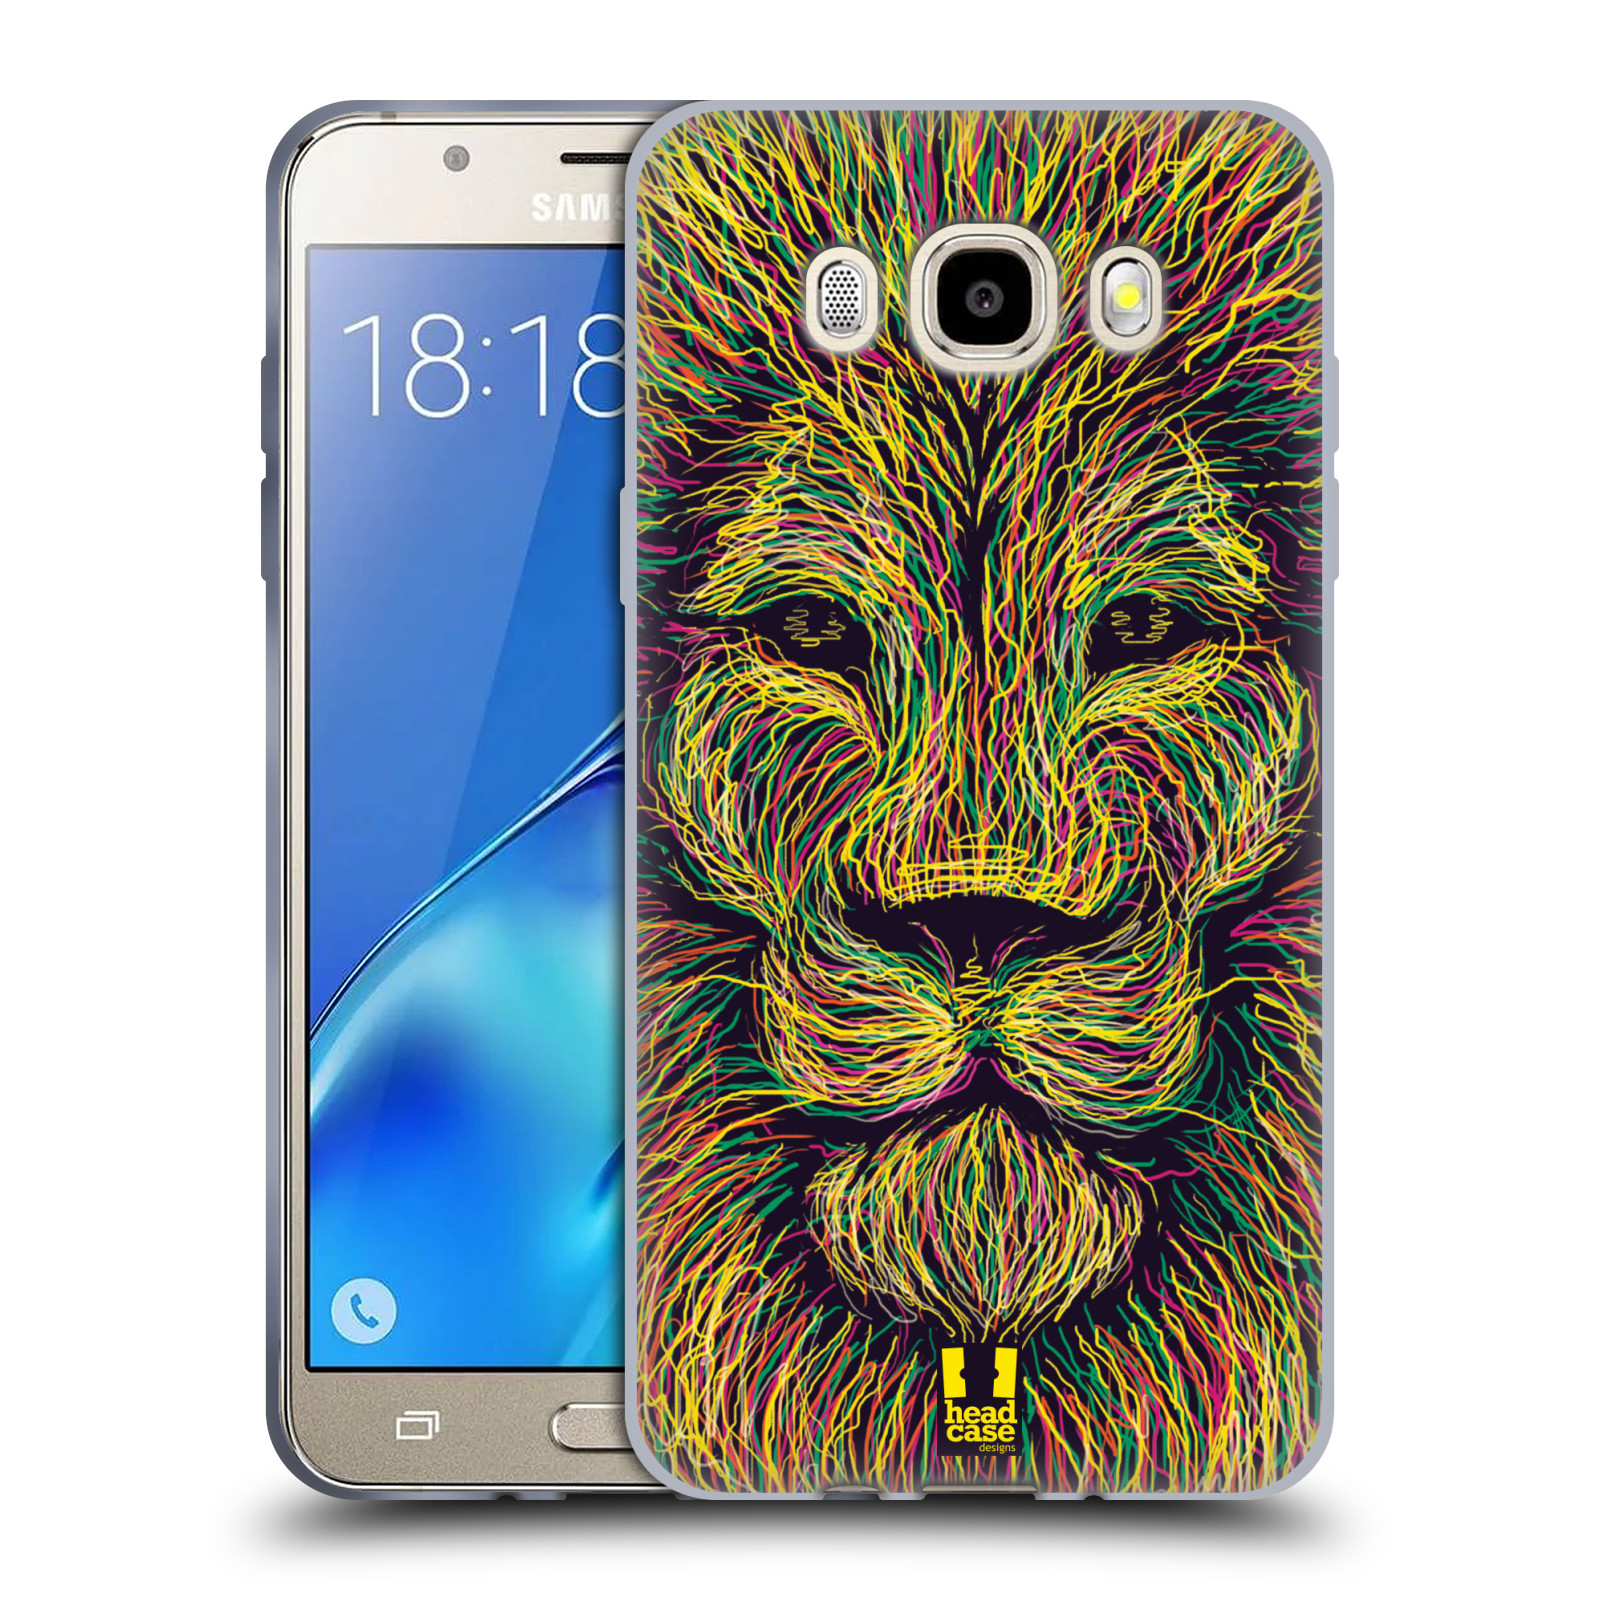 HEAD CASE silikonový obal, kryt na mobil Samsung Galaxy J5 2016, J510, J510F, (J510F DUAL SIM) vzor zvíře čmáranice lev